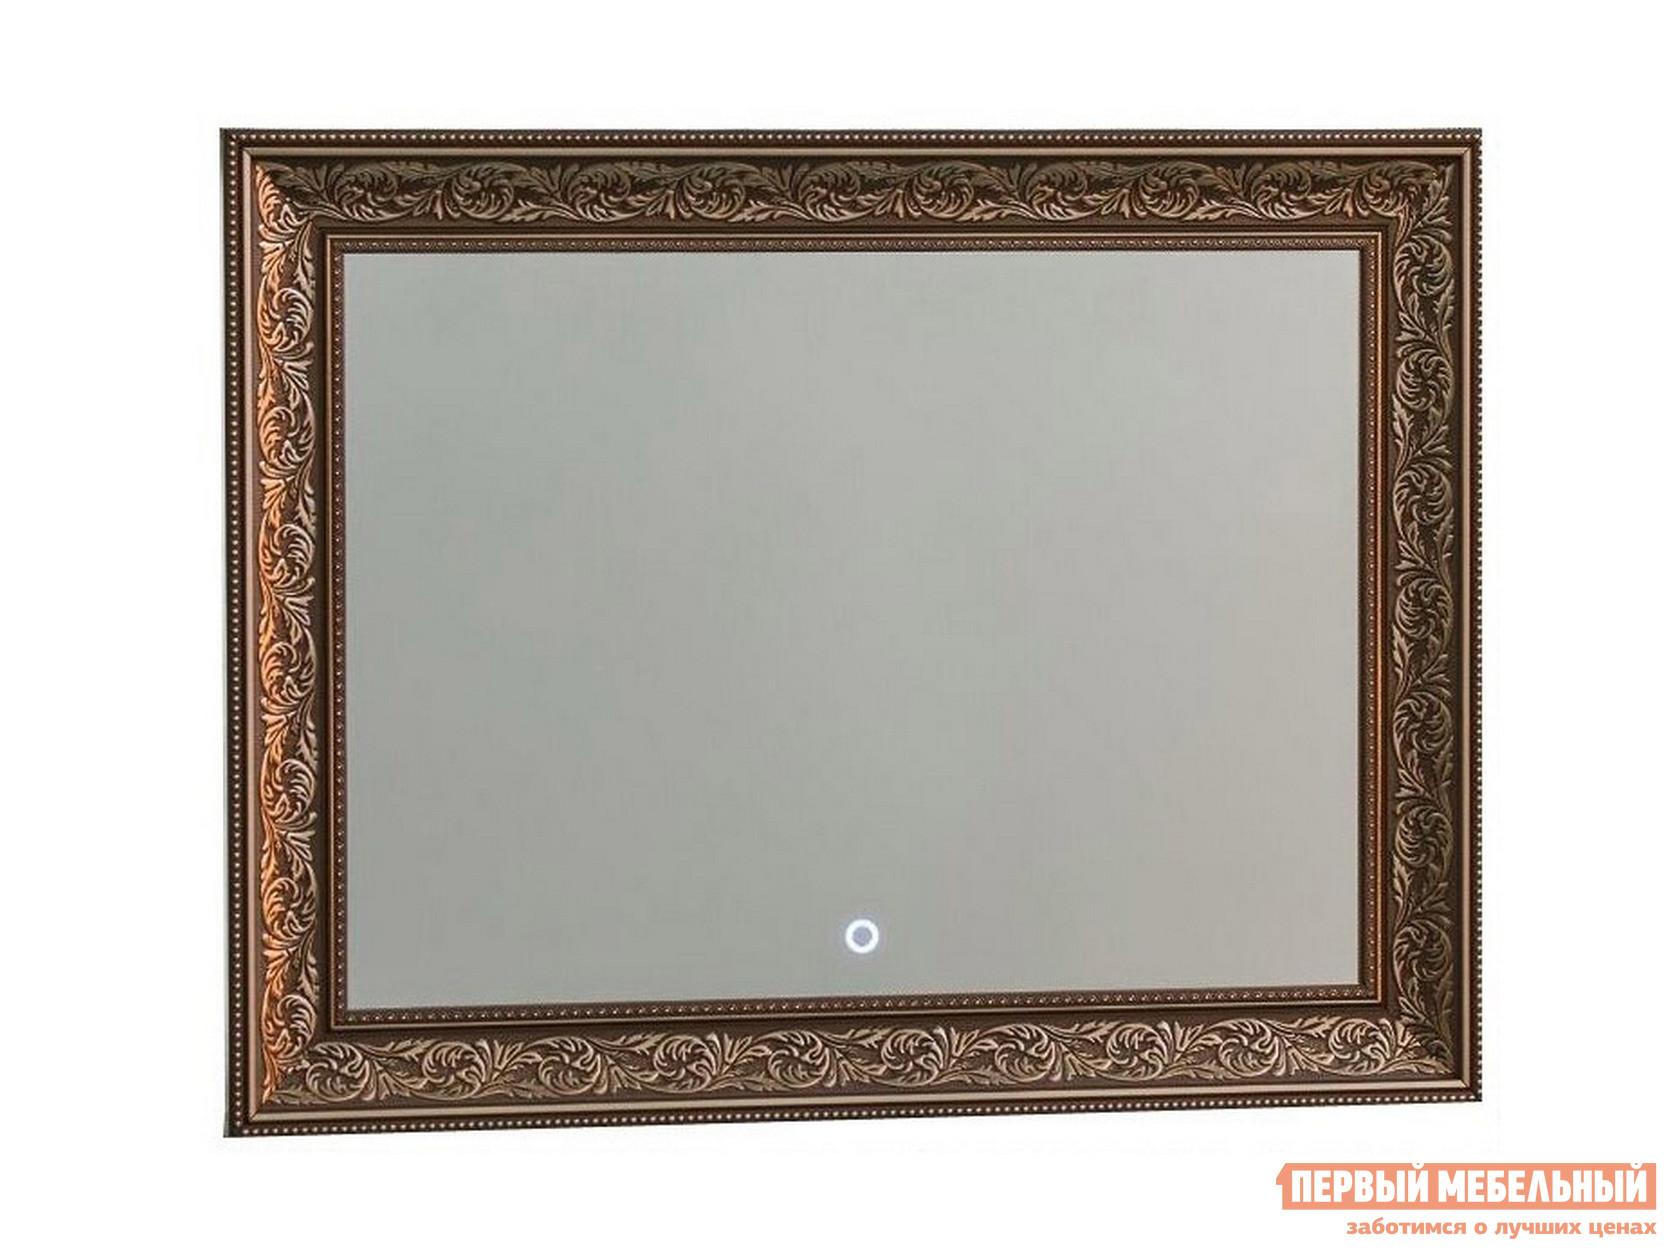 Настенное зеркало Континент Зеркало ЗЛП31 Prestige LED 830х640